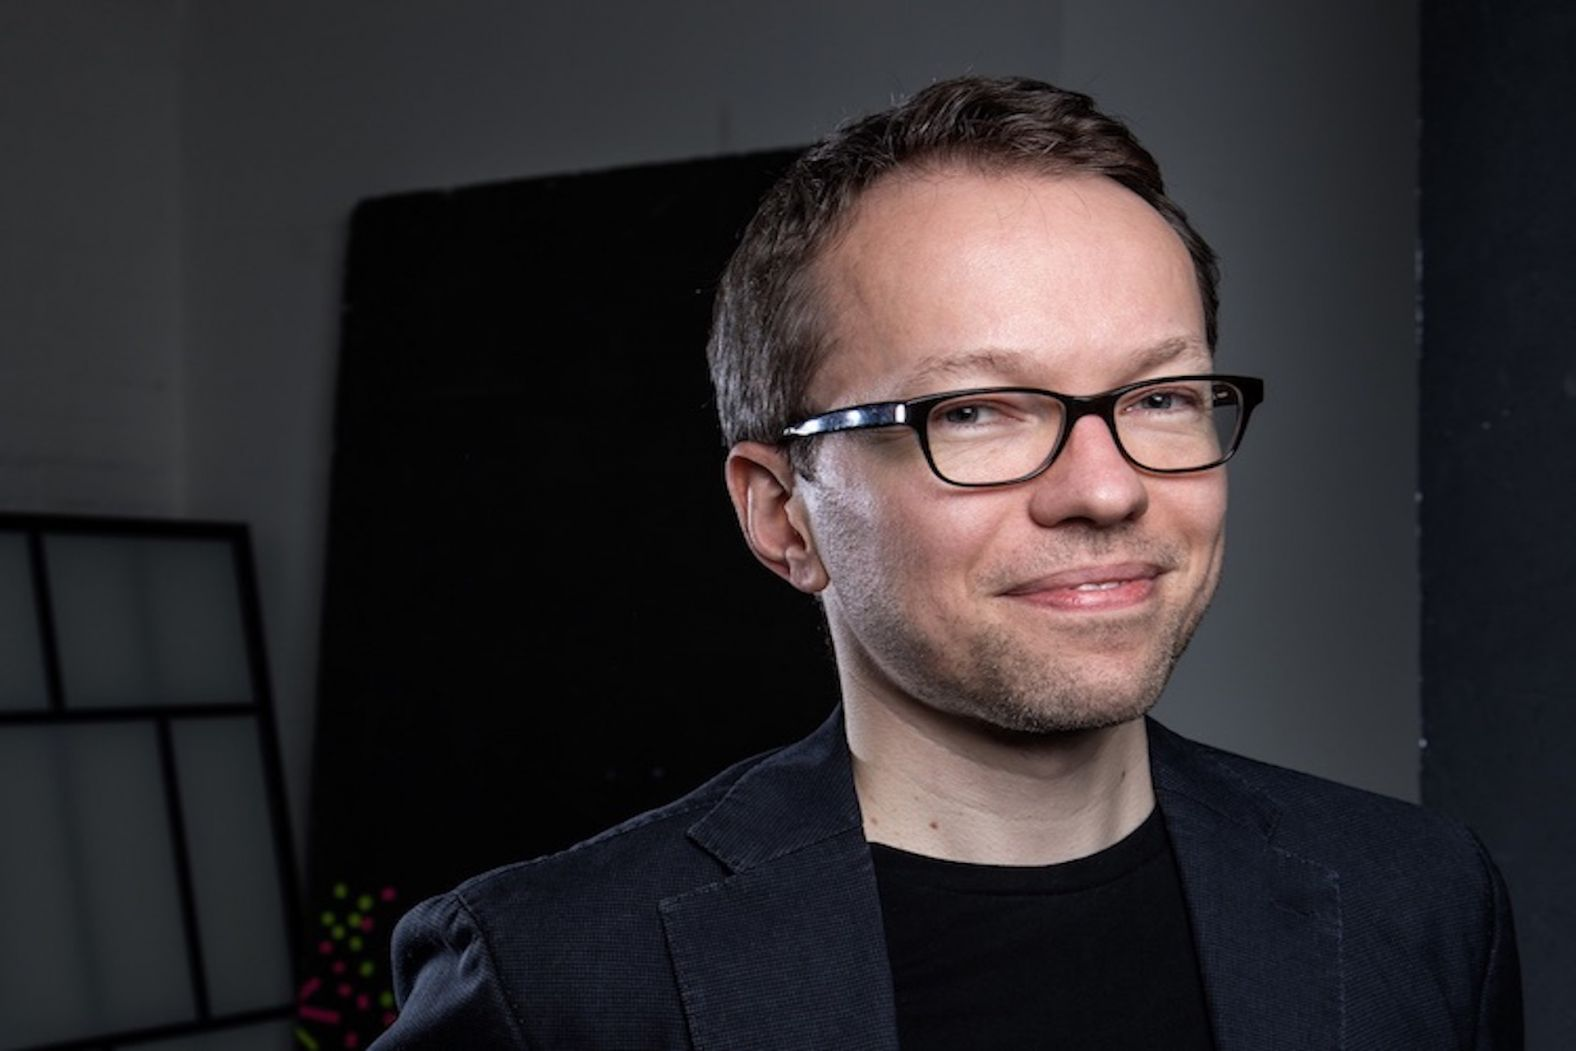 Tonmeister Lars Ohlendorf über KI